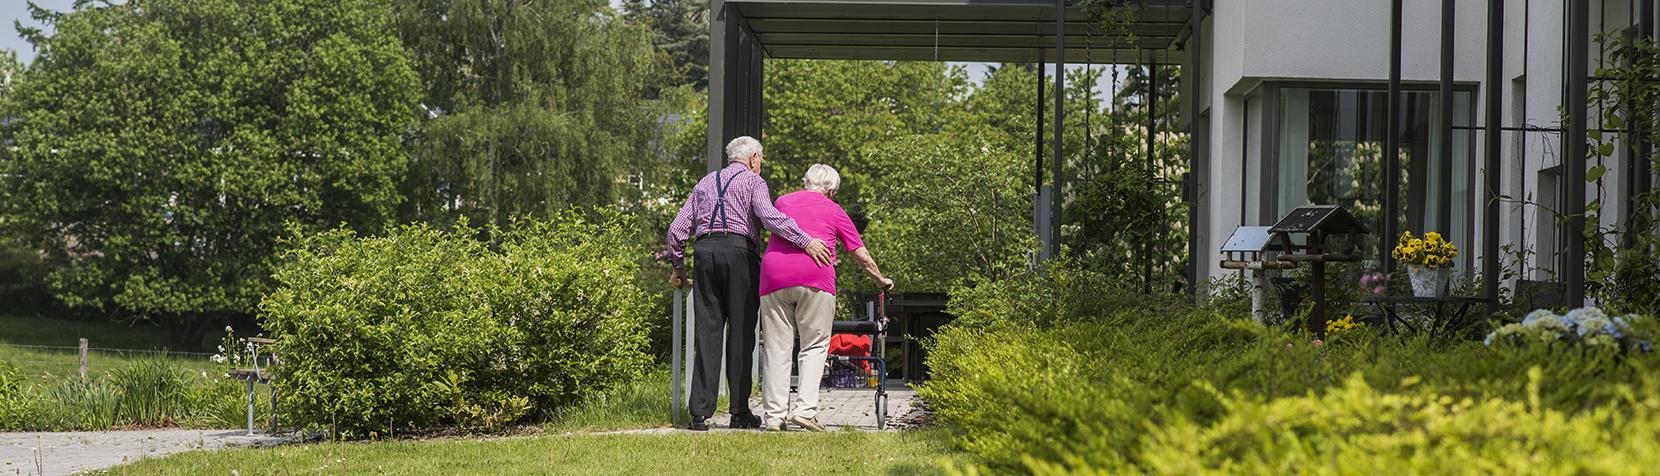 Ældre ægtepar ved bolig med særlig rampe